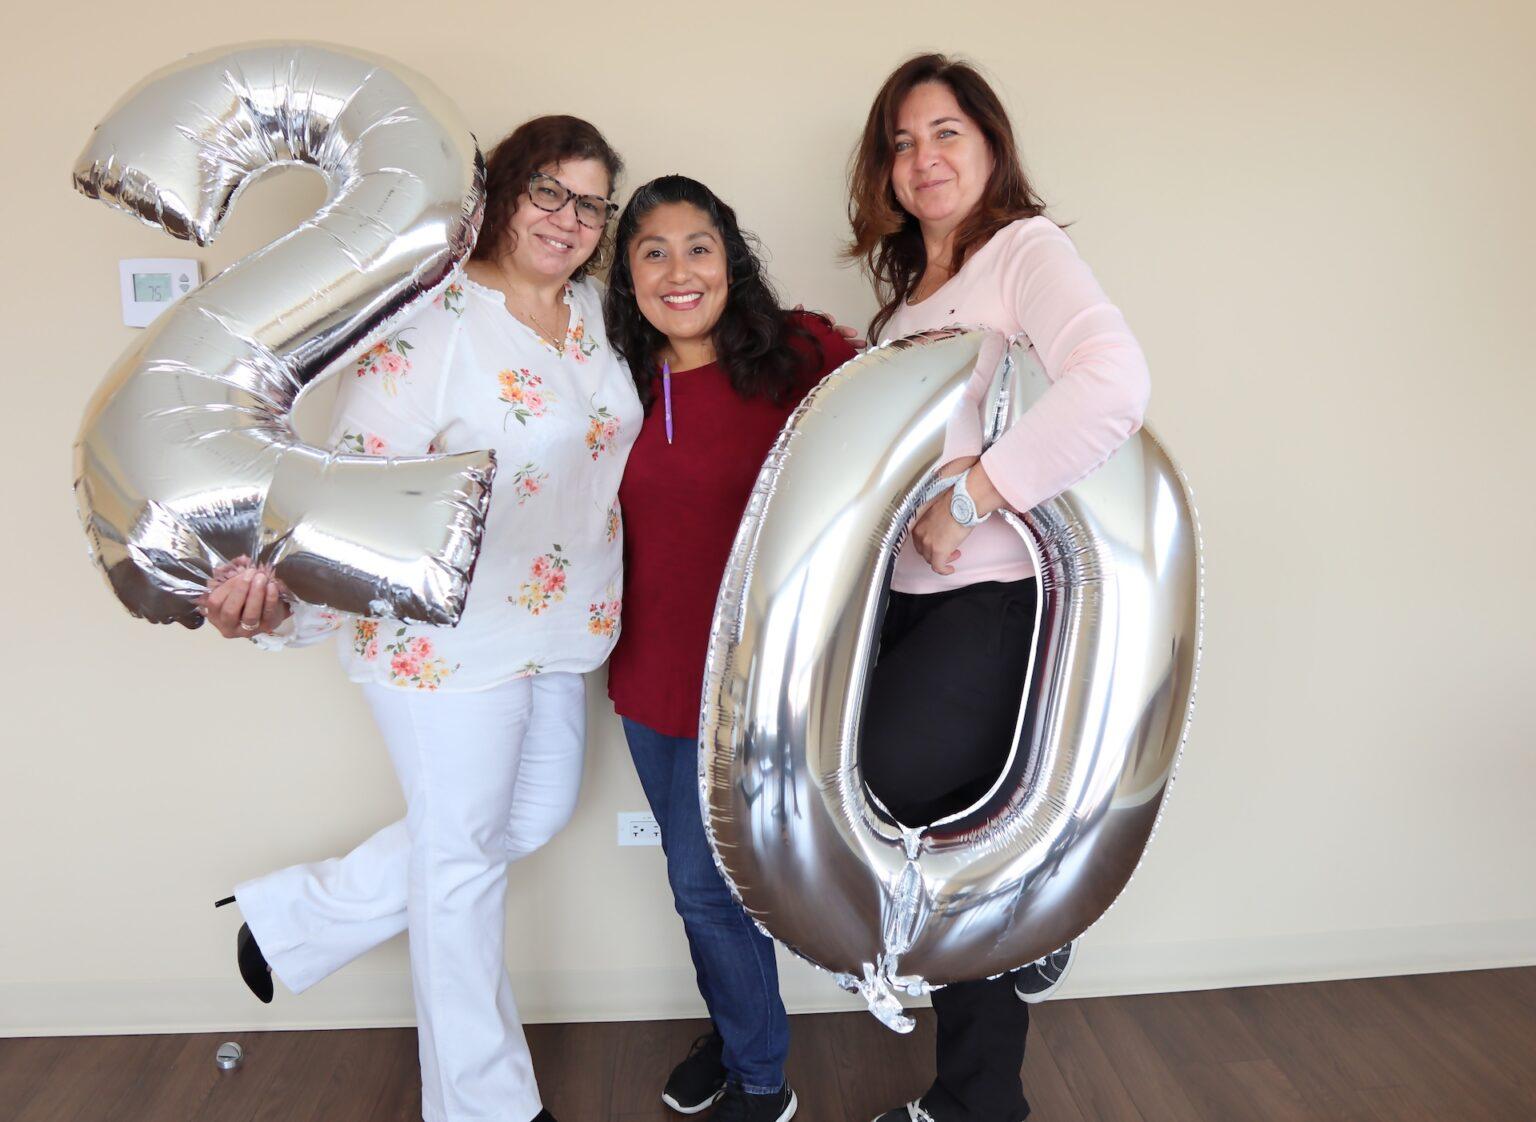 Three women holding up balloon 20